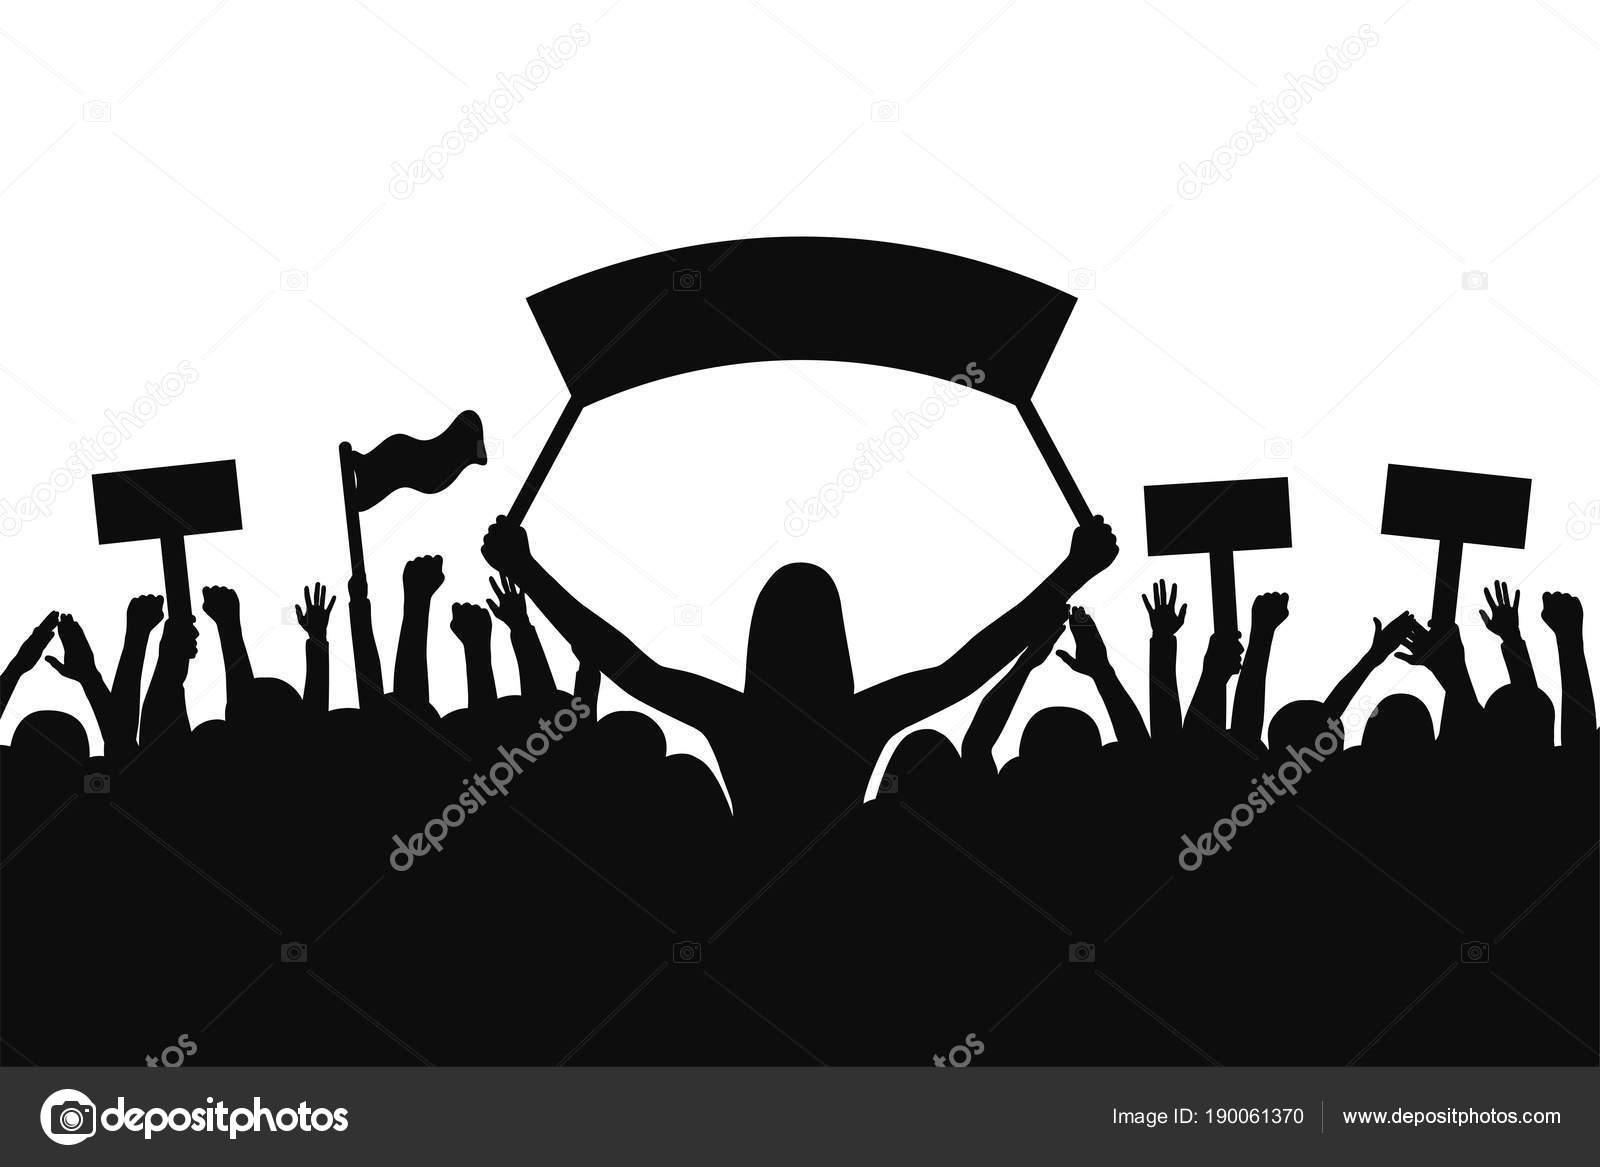 Siluetas De Personas Con Banderas